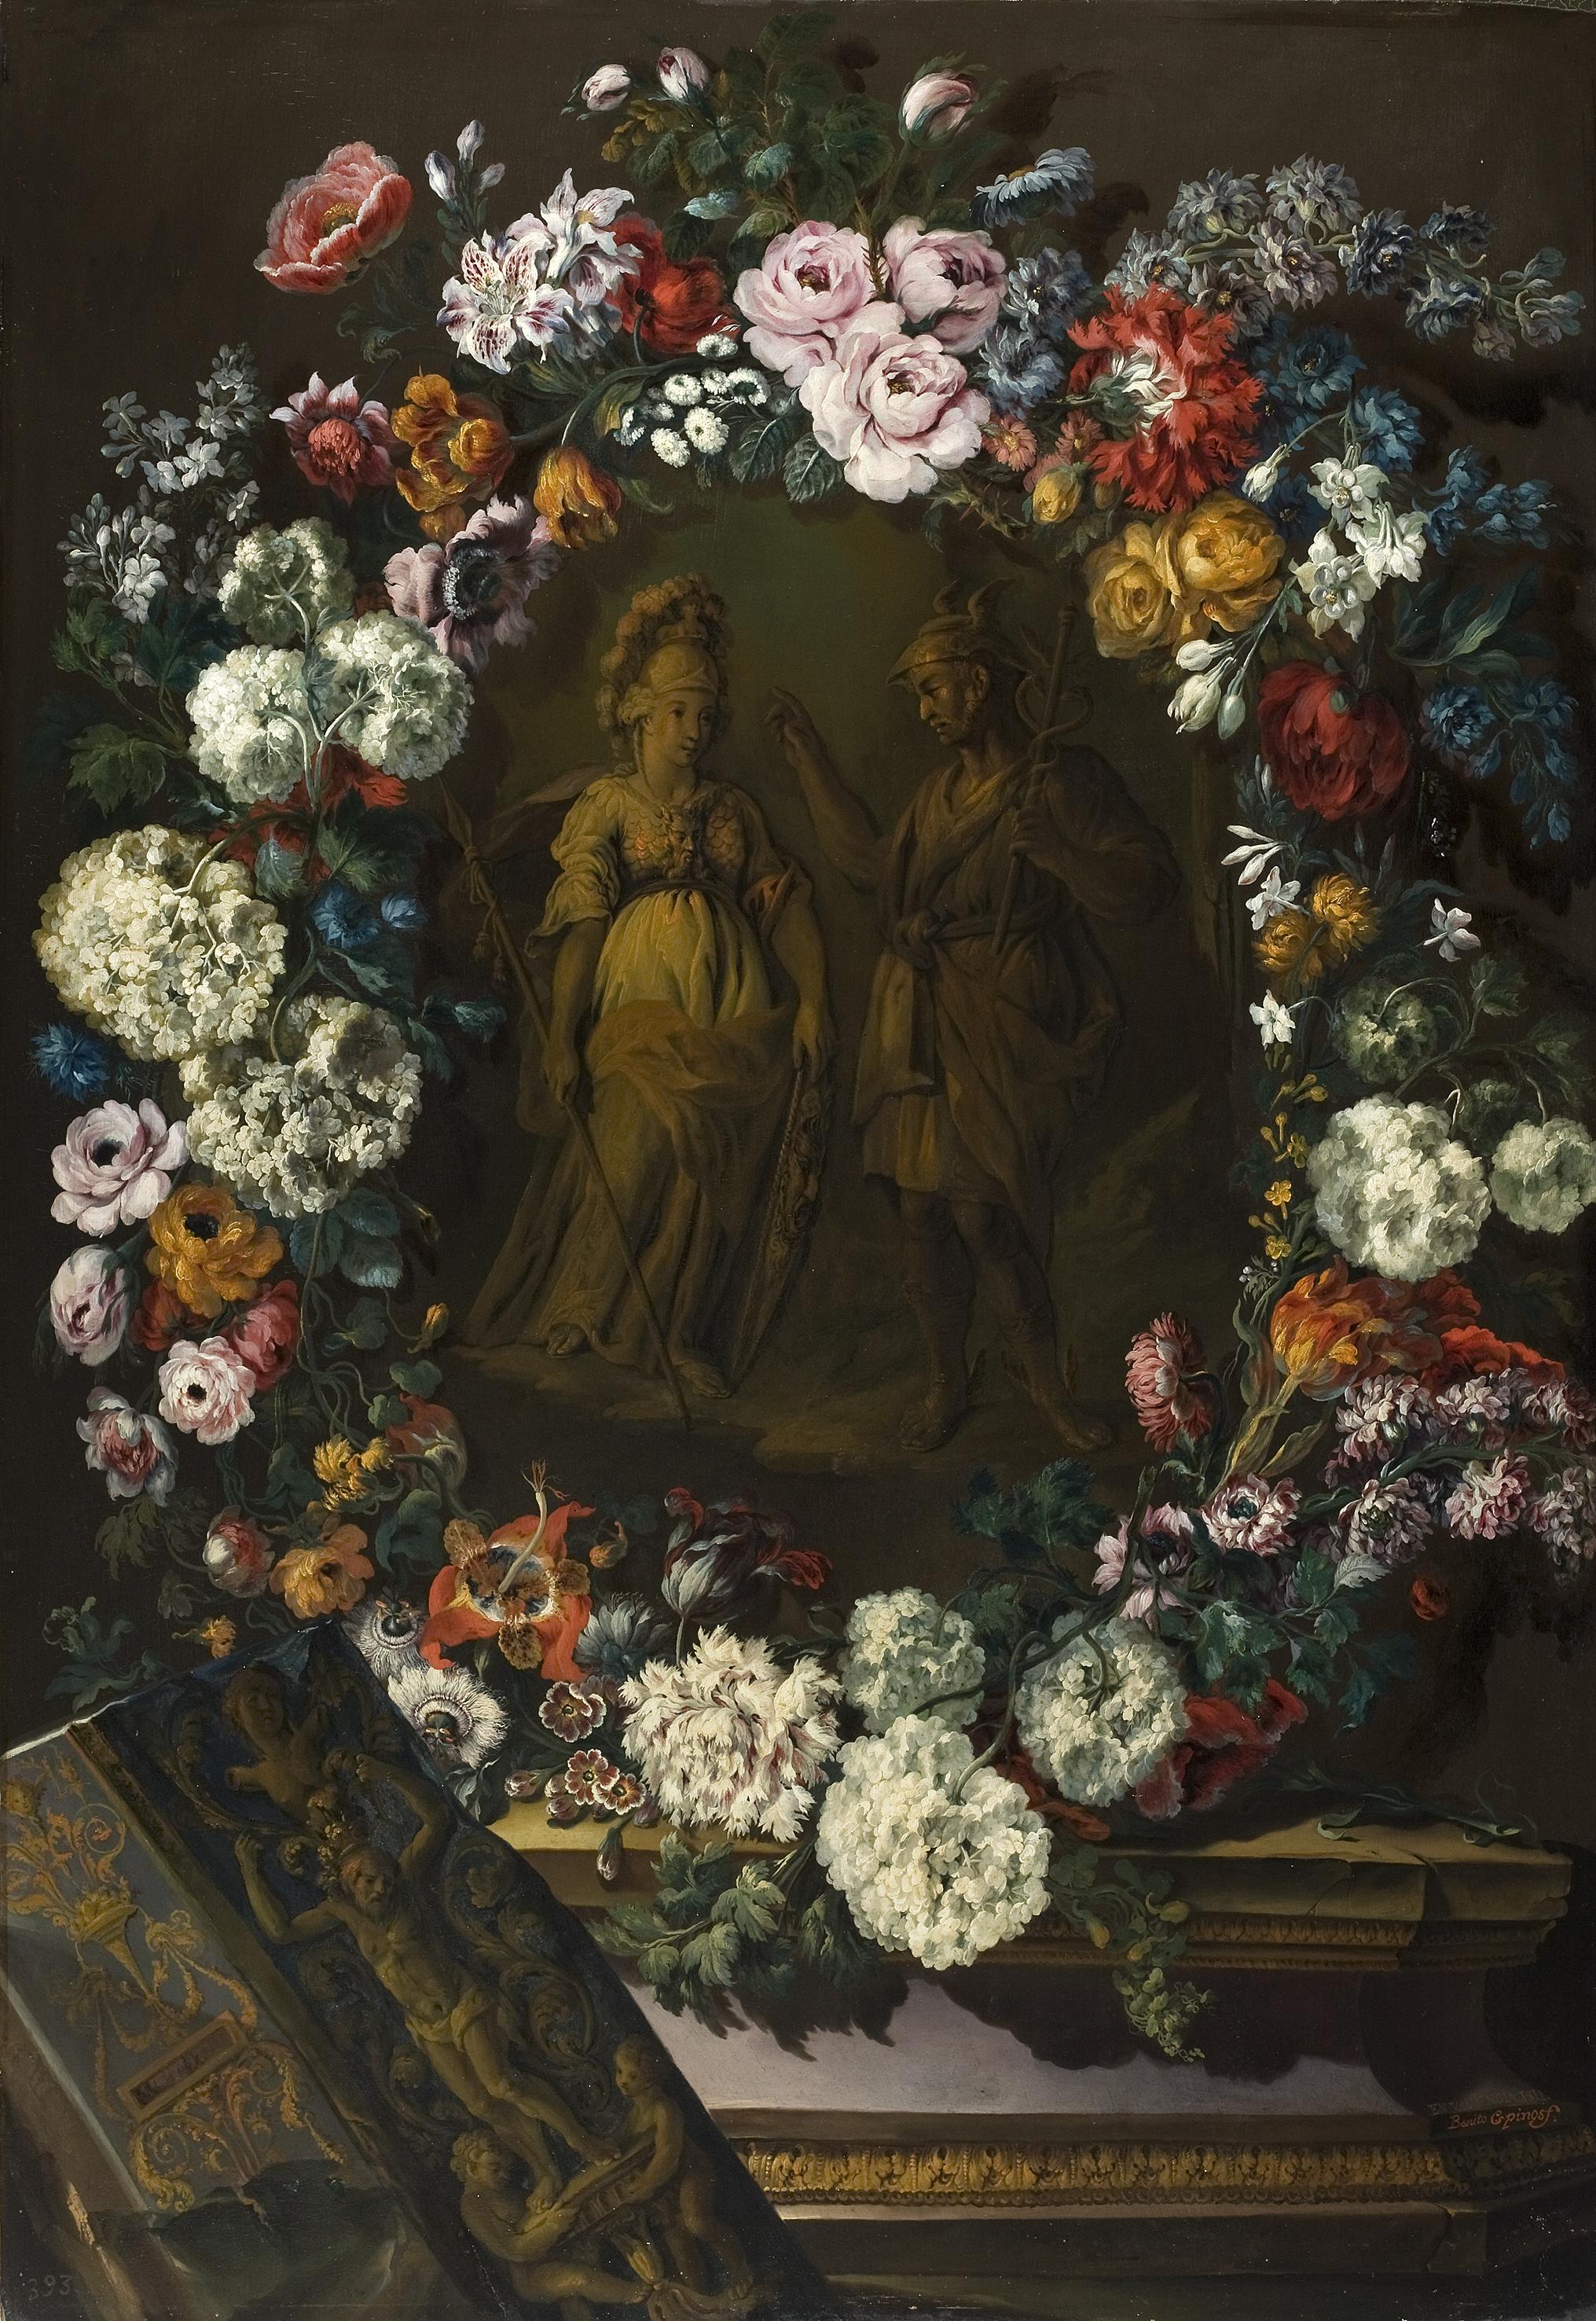 Resultado de imagen de mercurio y minerva guirnalda con flores